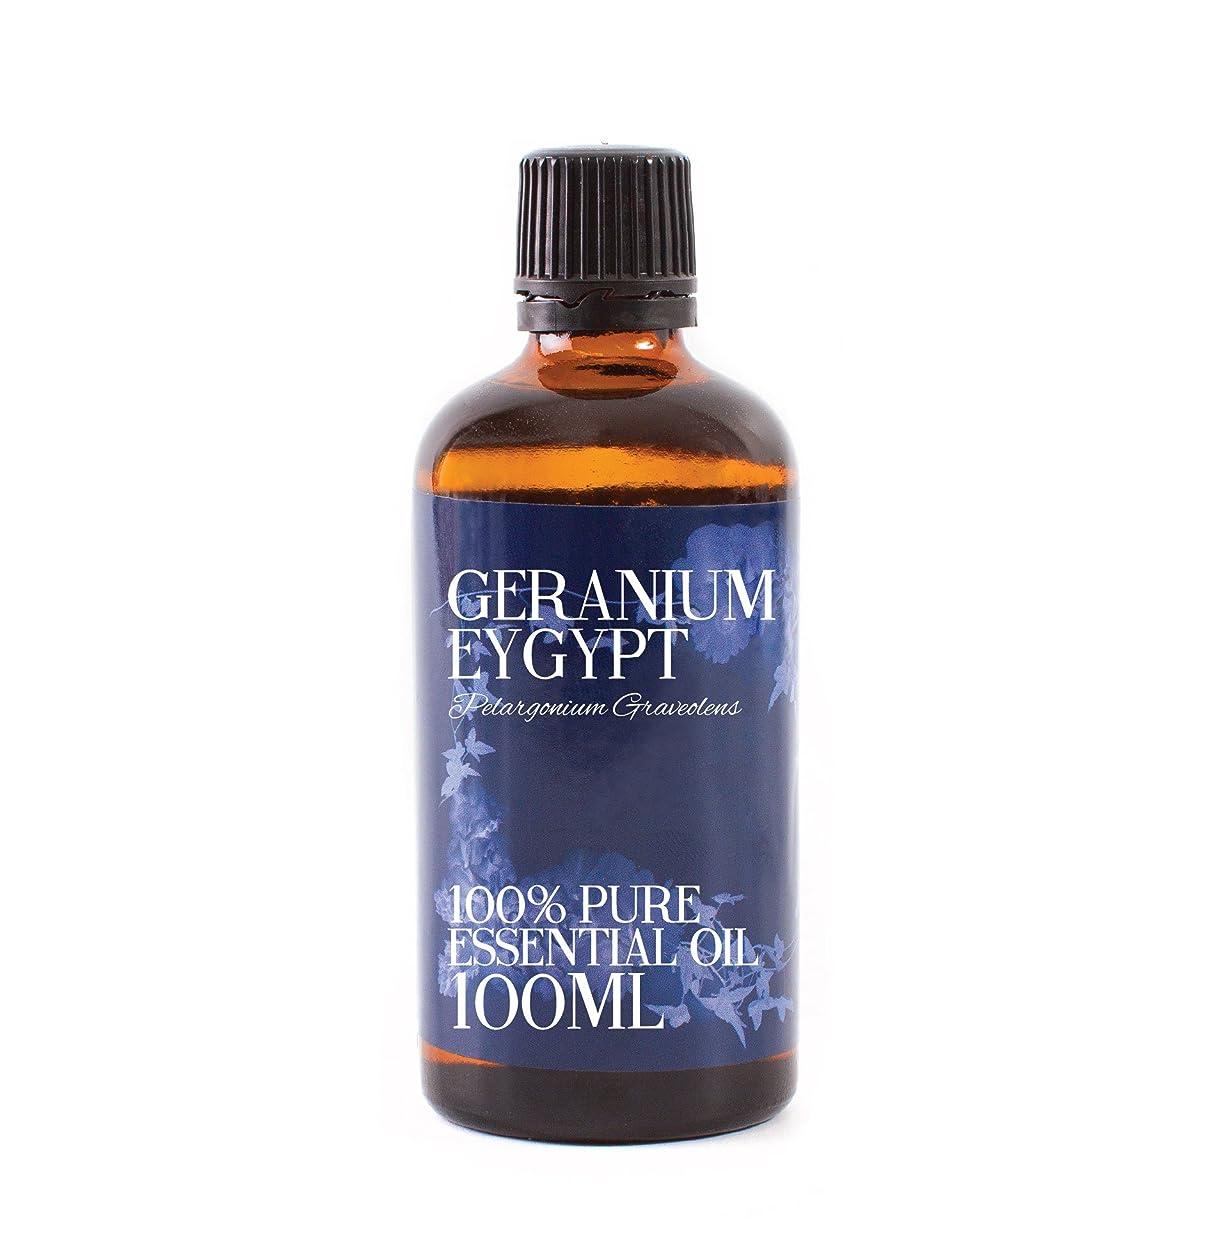 パイルお父さん一族Mystic Moments | Geranium Egypt Essential Oil - 100ml - 100% Pure